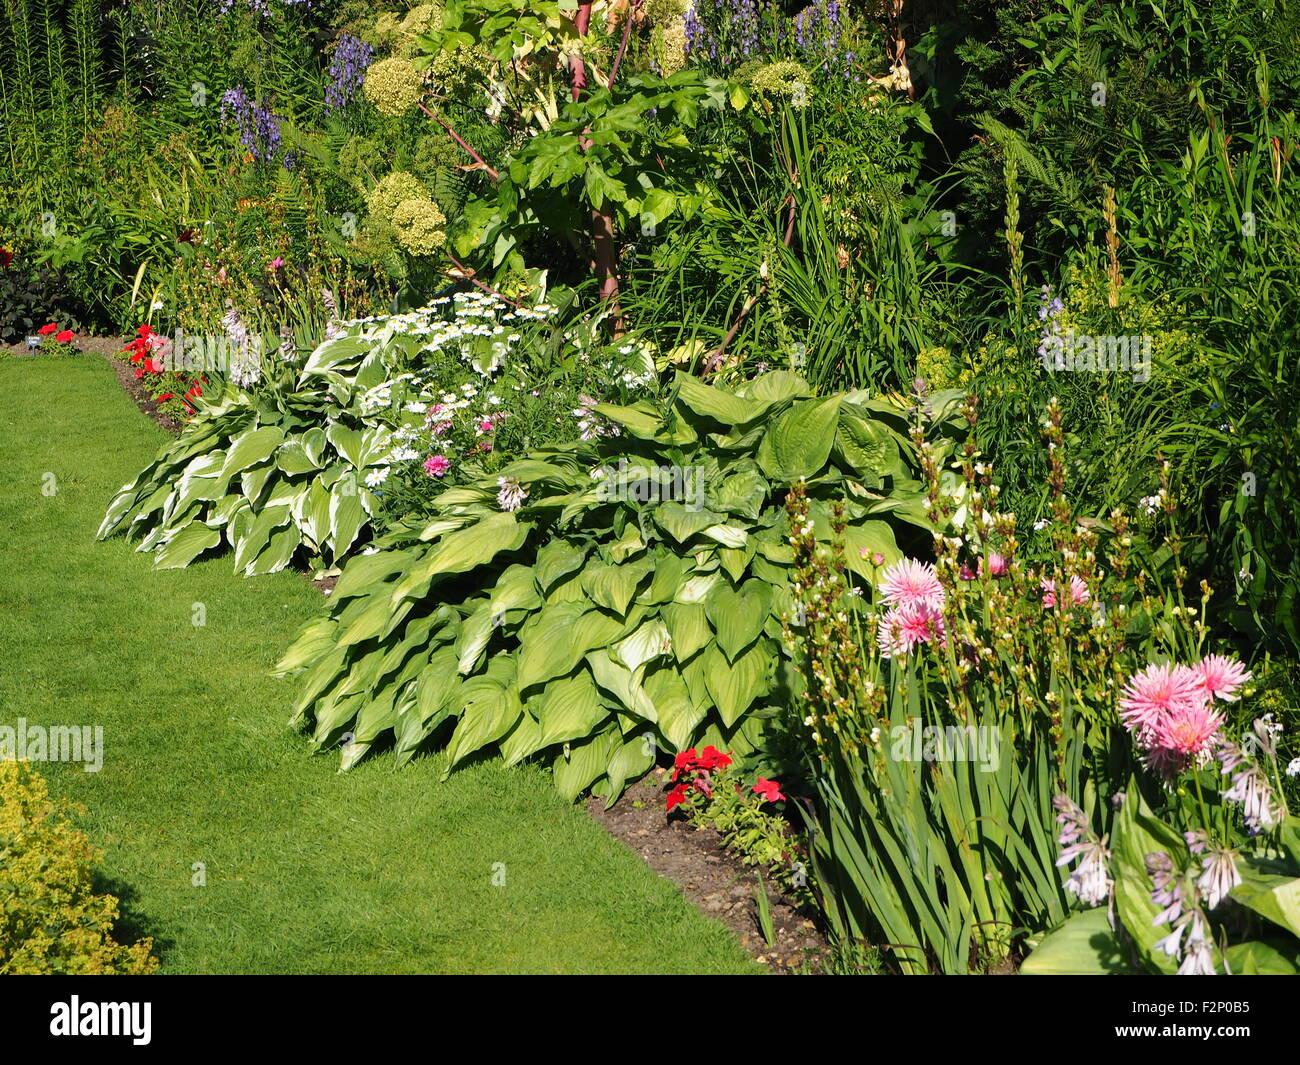 Belles Plantes En Bordure De Source Fraîche Chenies Manor Jardin En  Contrebas Au Début De Juin, Hostaas Et Dahlias, Roses, Verts, Varié.